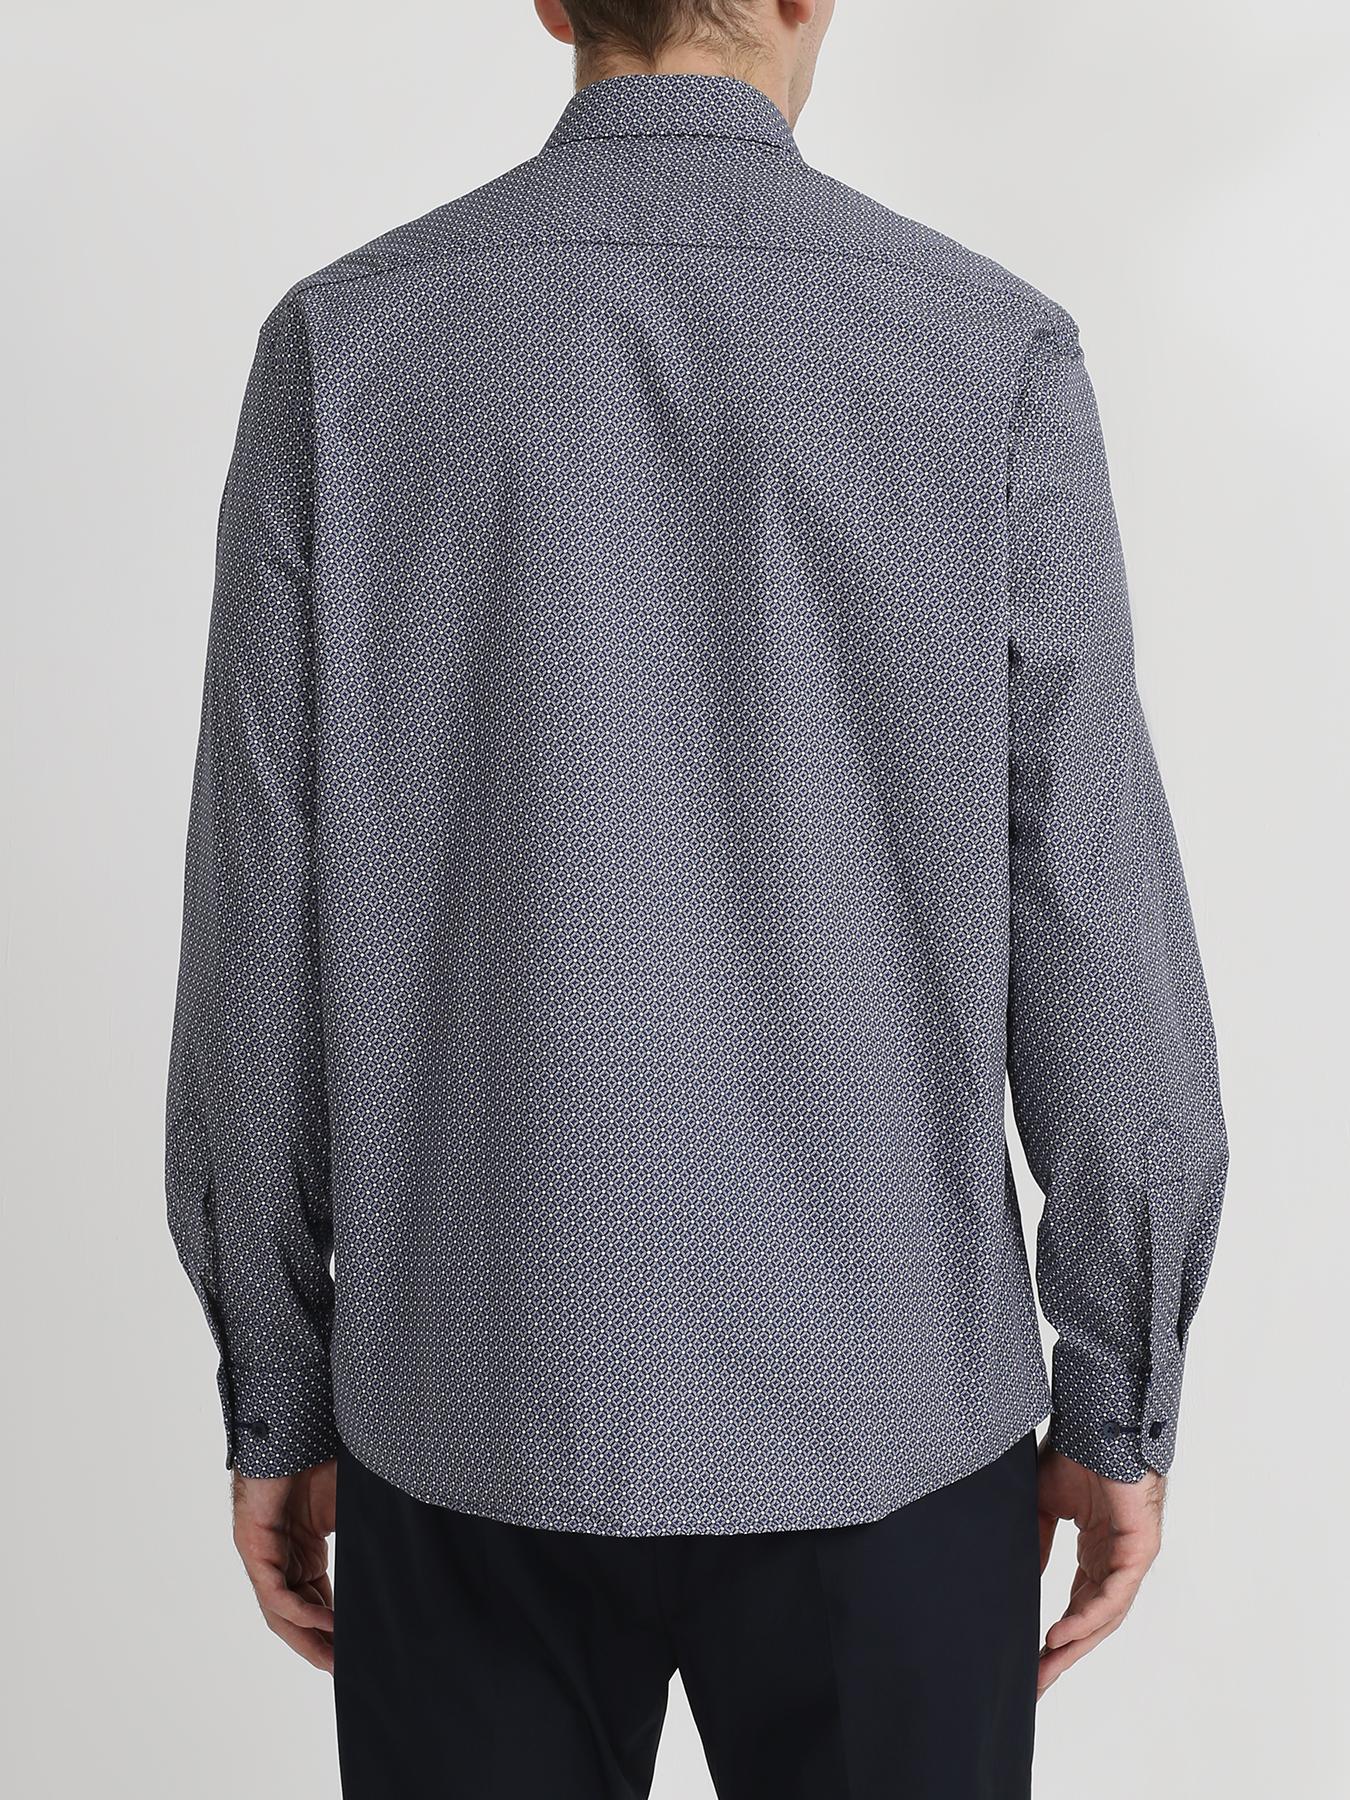 Eterna Хлопковая рубашка 333531-023 Фото 2